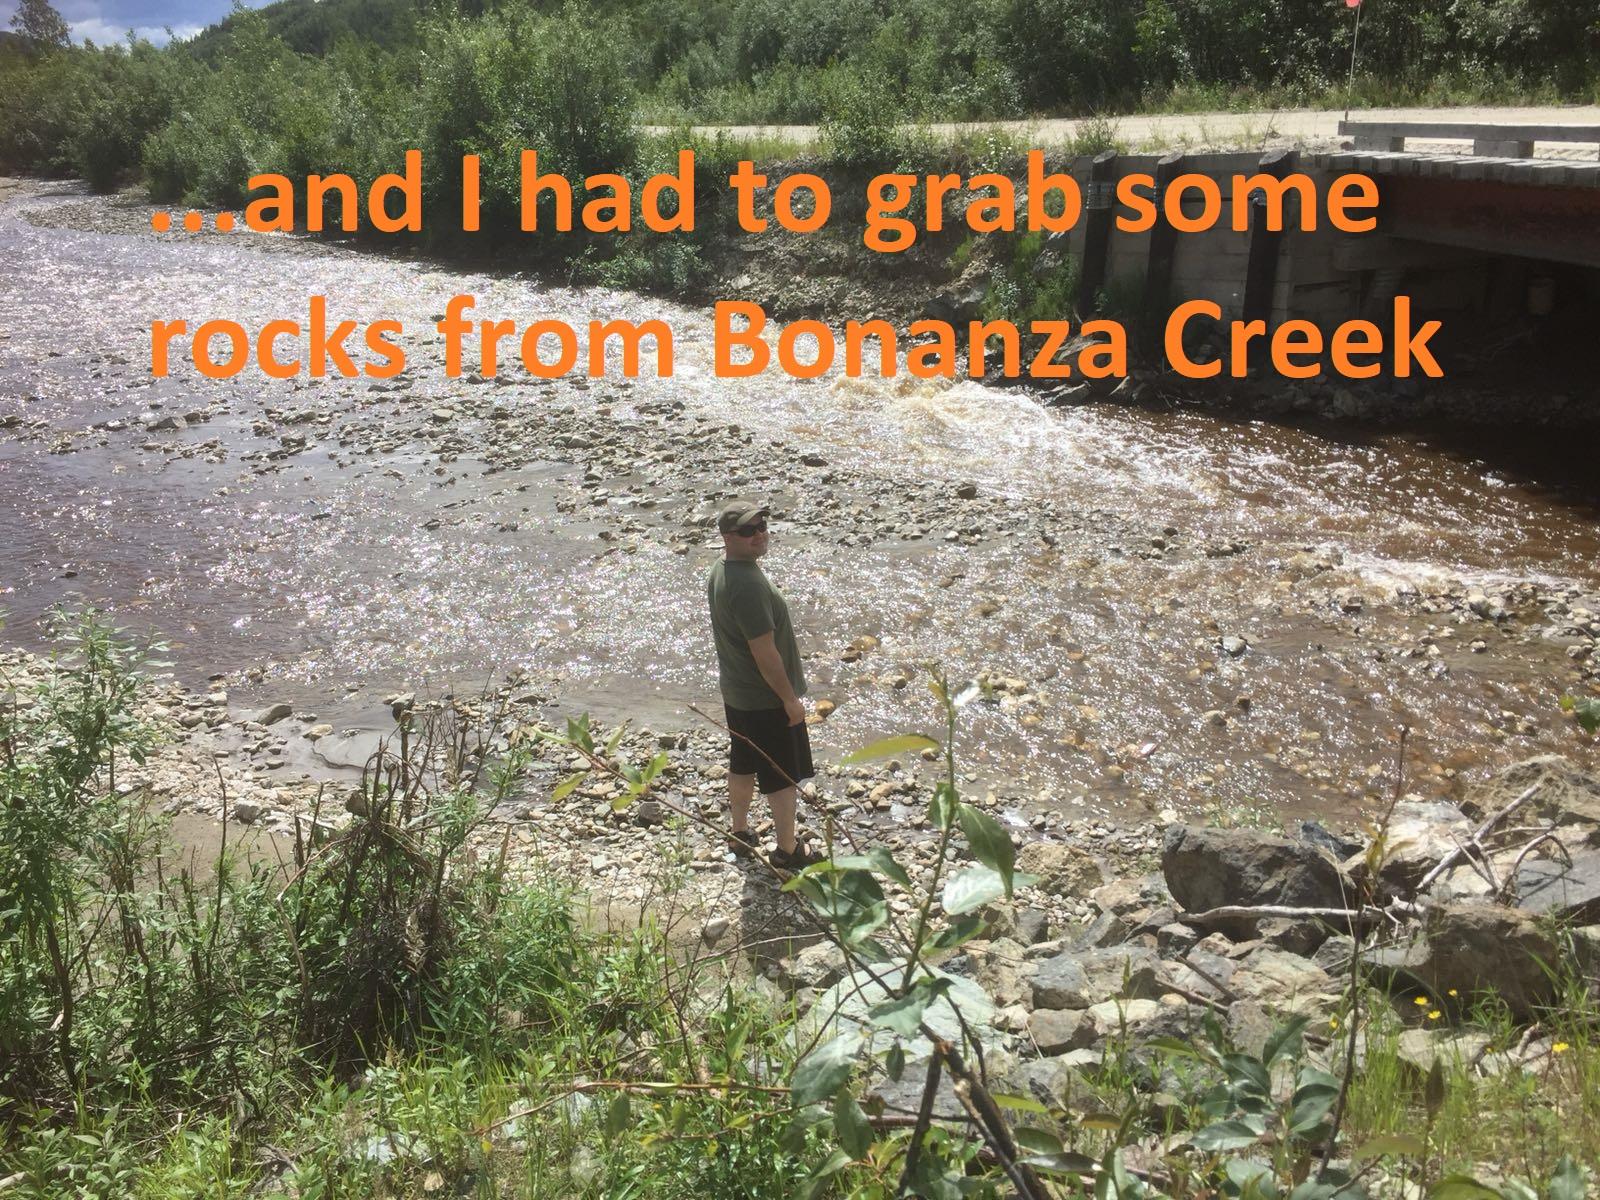 bonanza creek.jpg